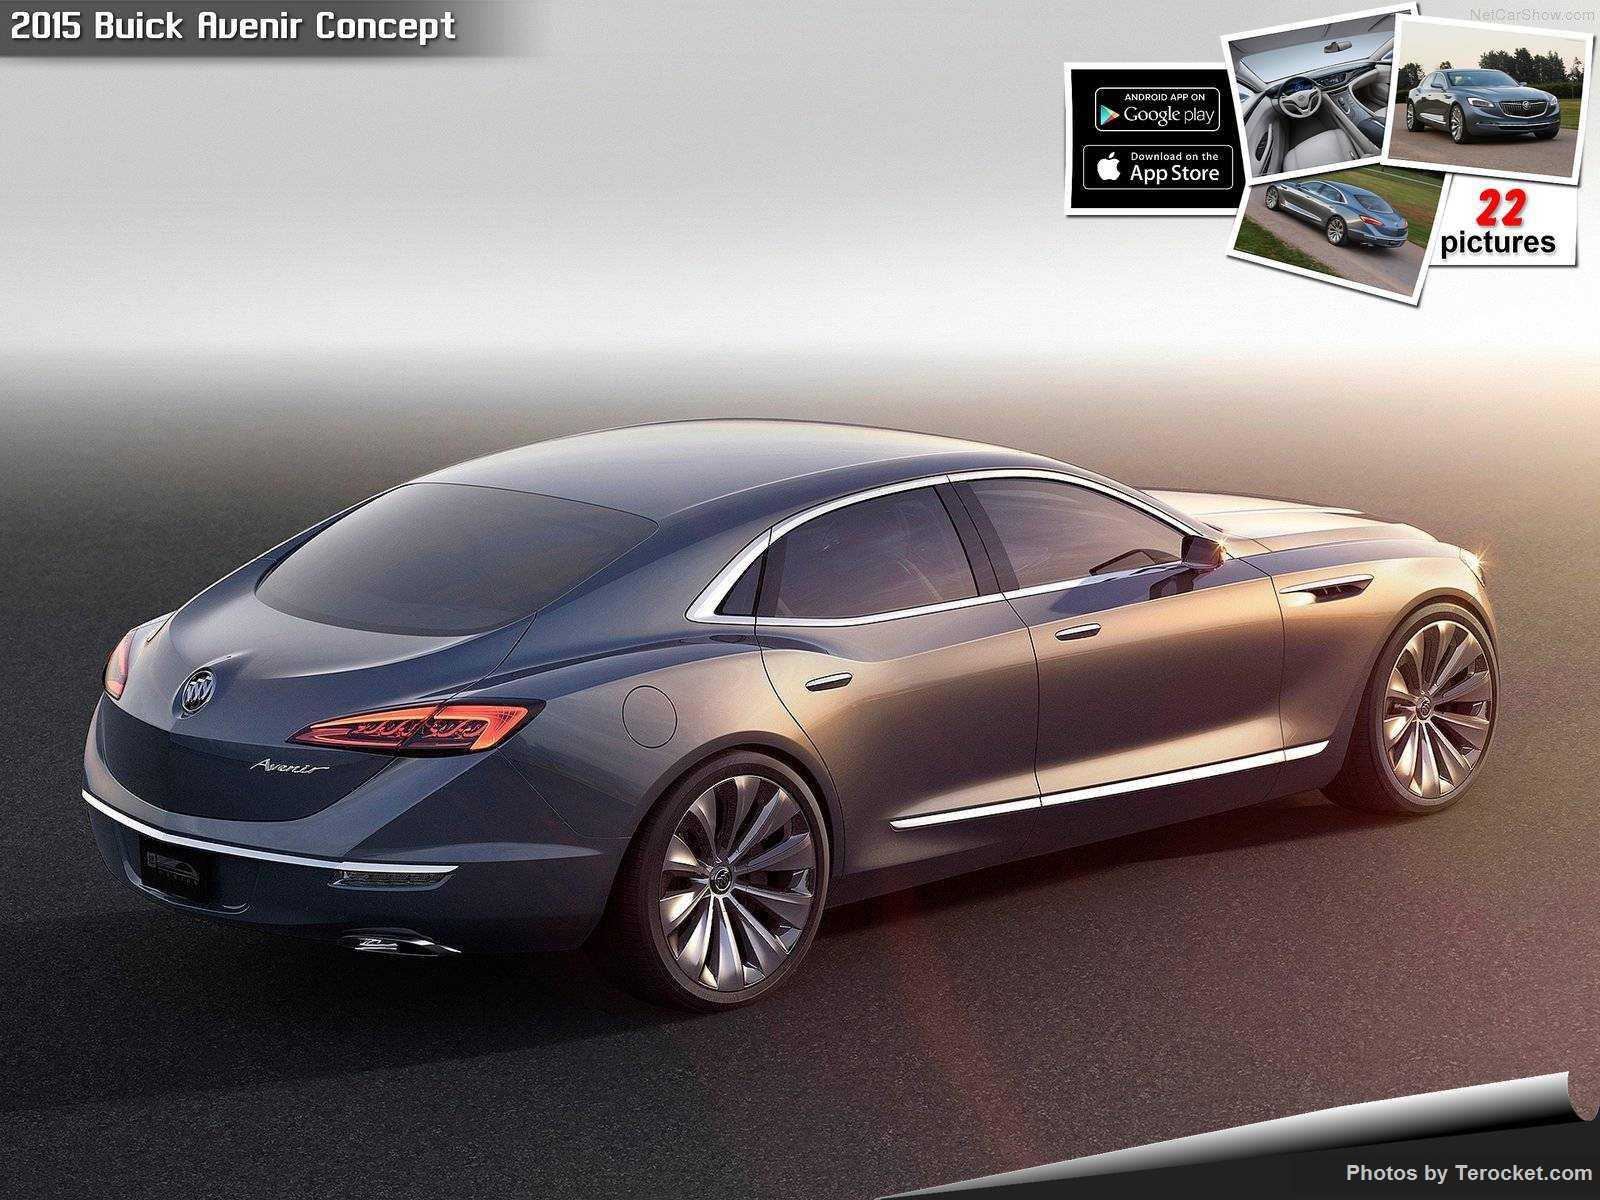 Hình ảnh xe ô tô Buick Avenir Concept 2015 & nội ngoại thất